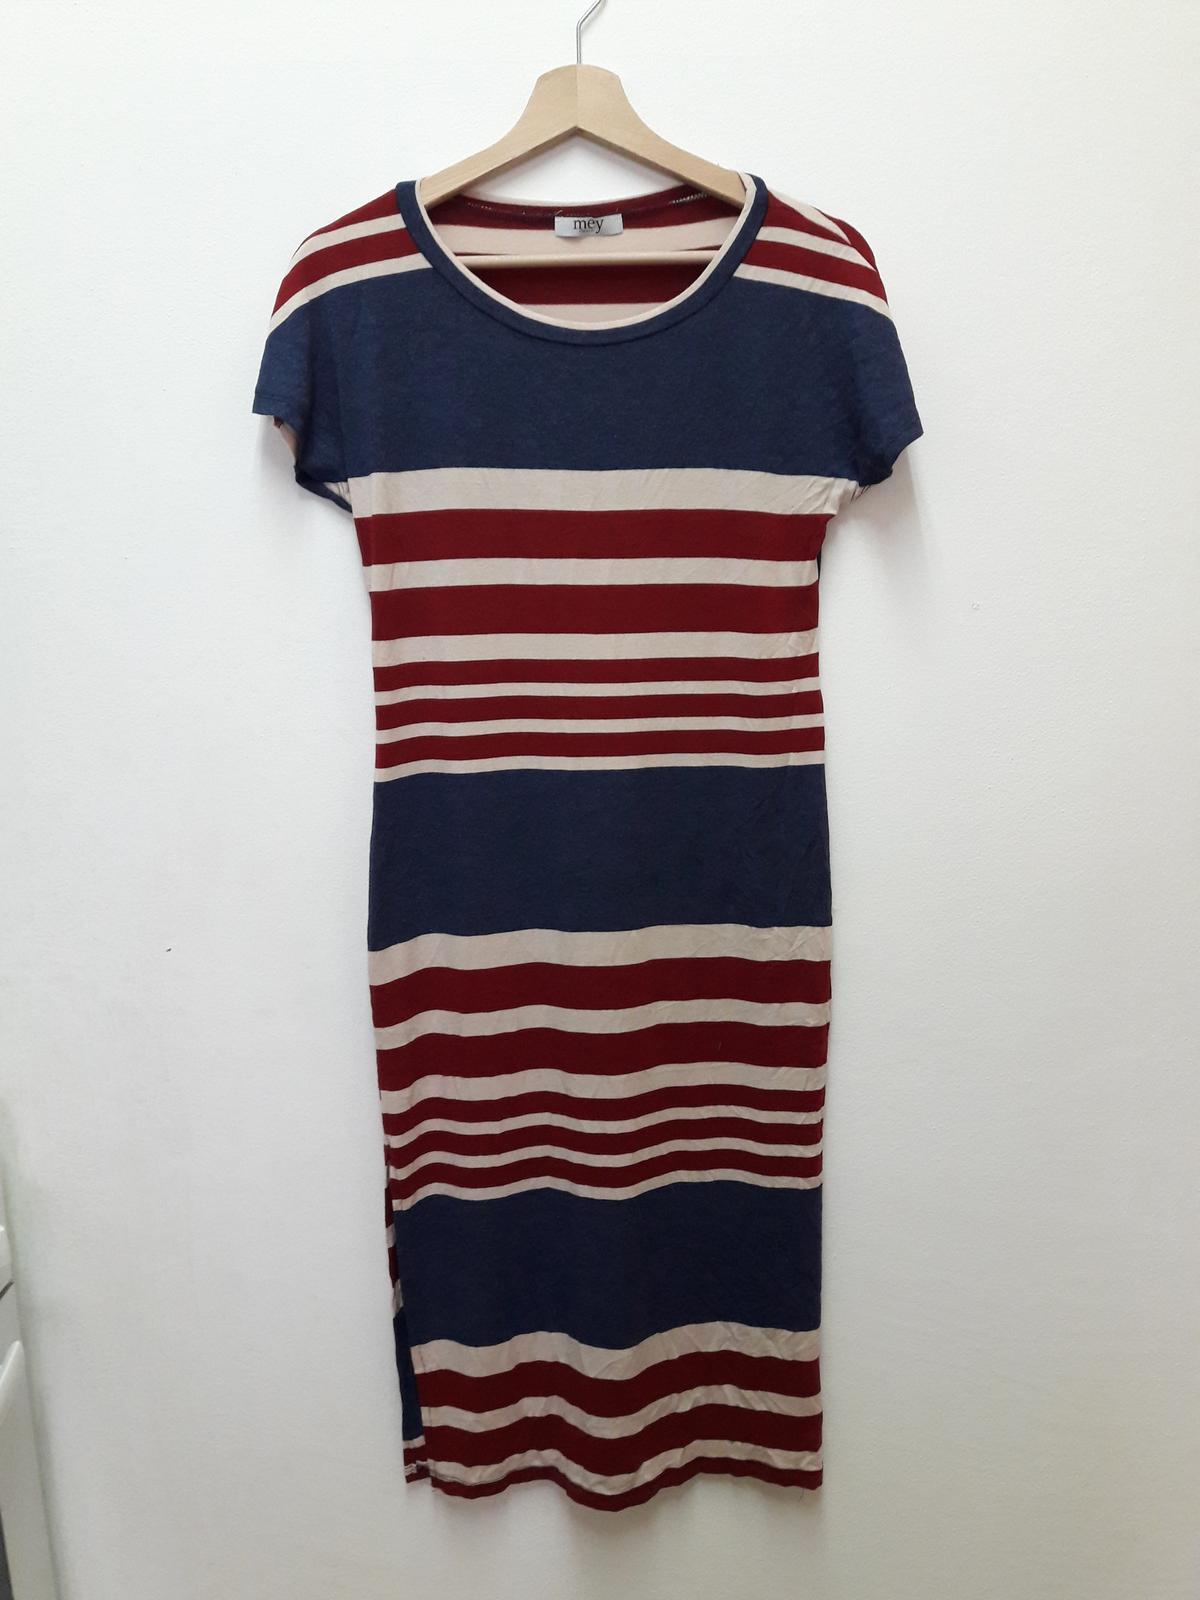 Pruhované námořnické šaty - Obrázek č. 1